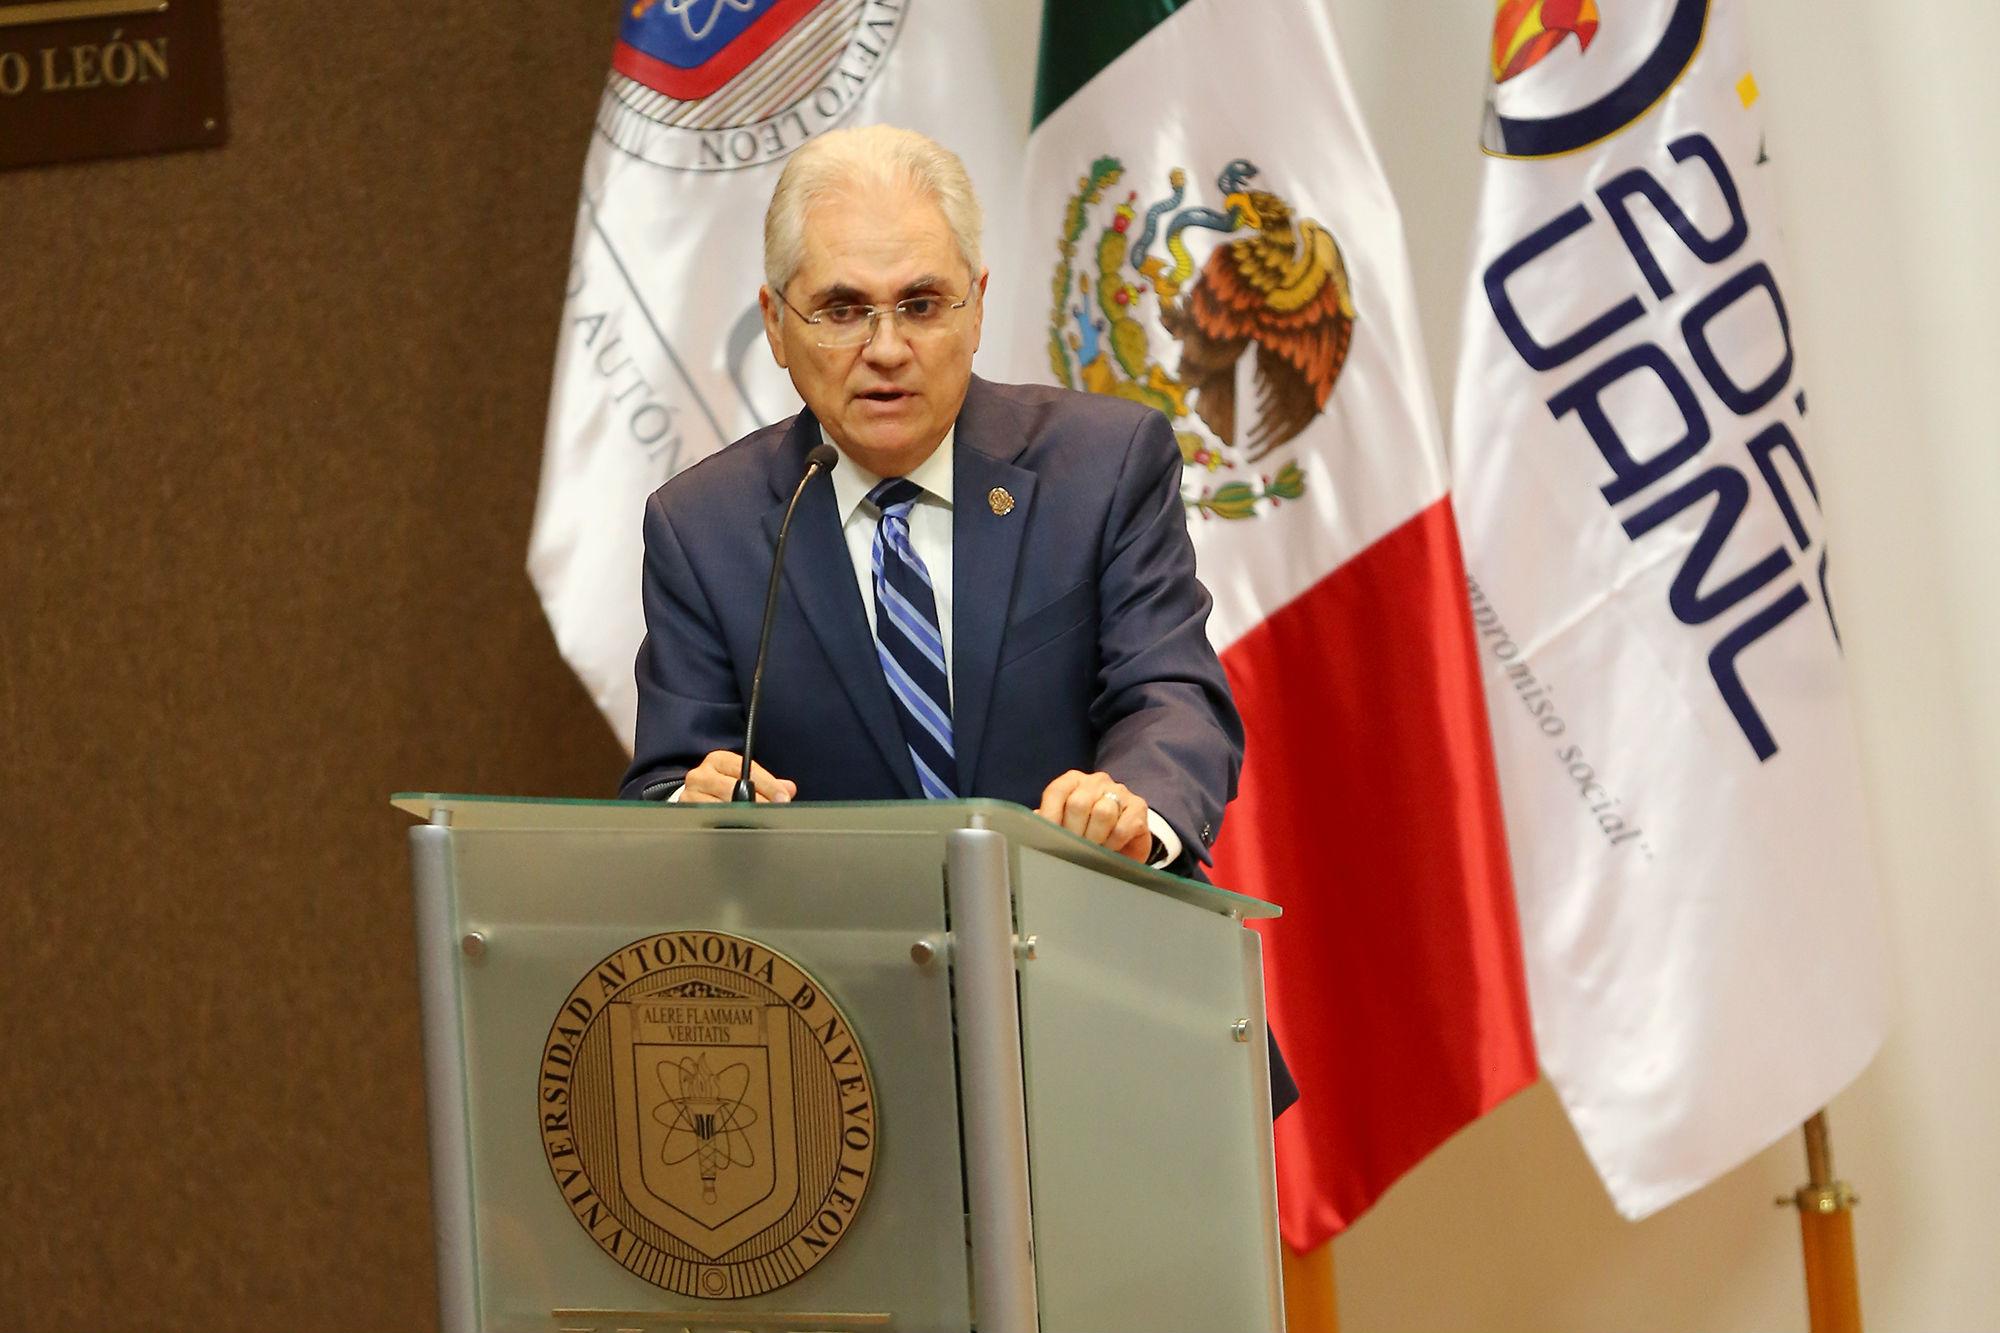 Palabras del Dr. Mario César Salinas Carmona, Secretario de Investigación, Innovación y Posgrado de la UANL